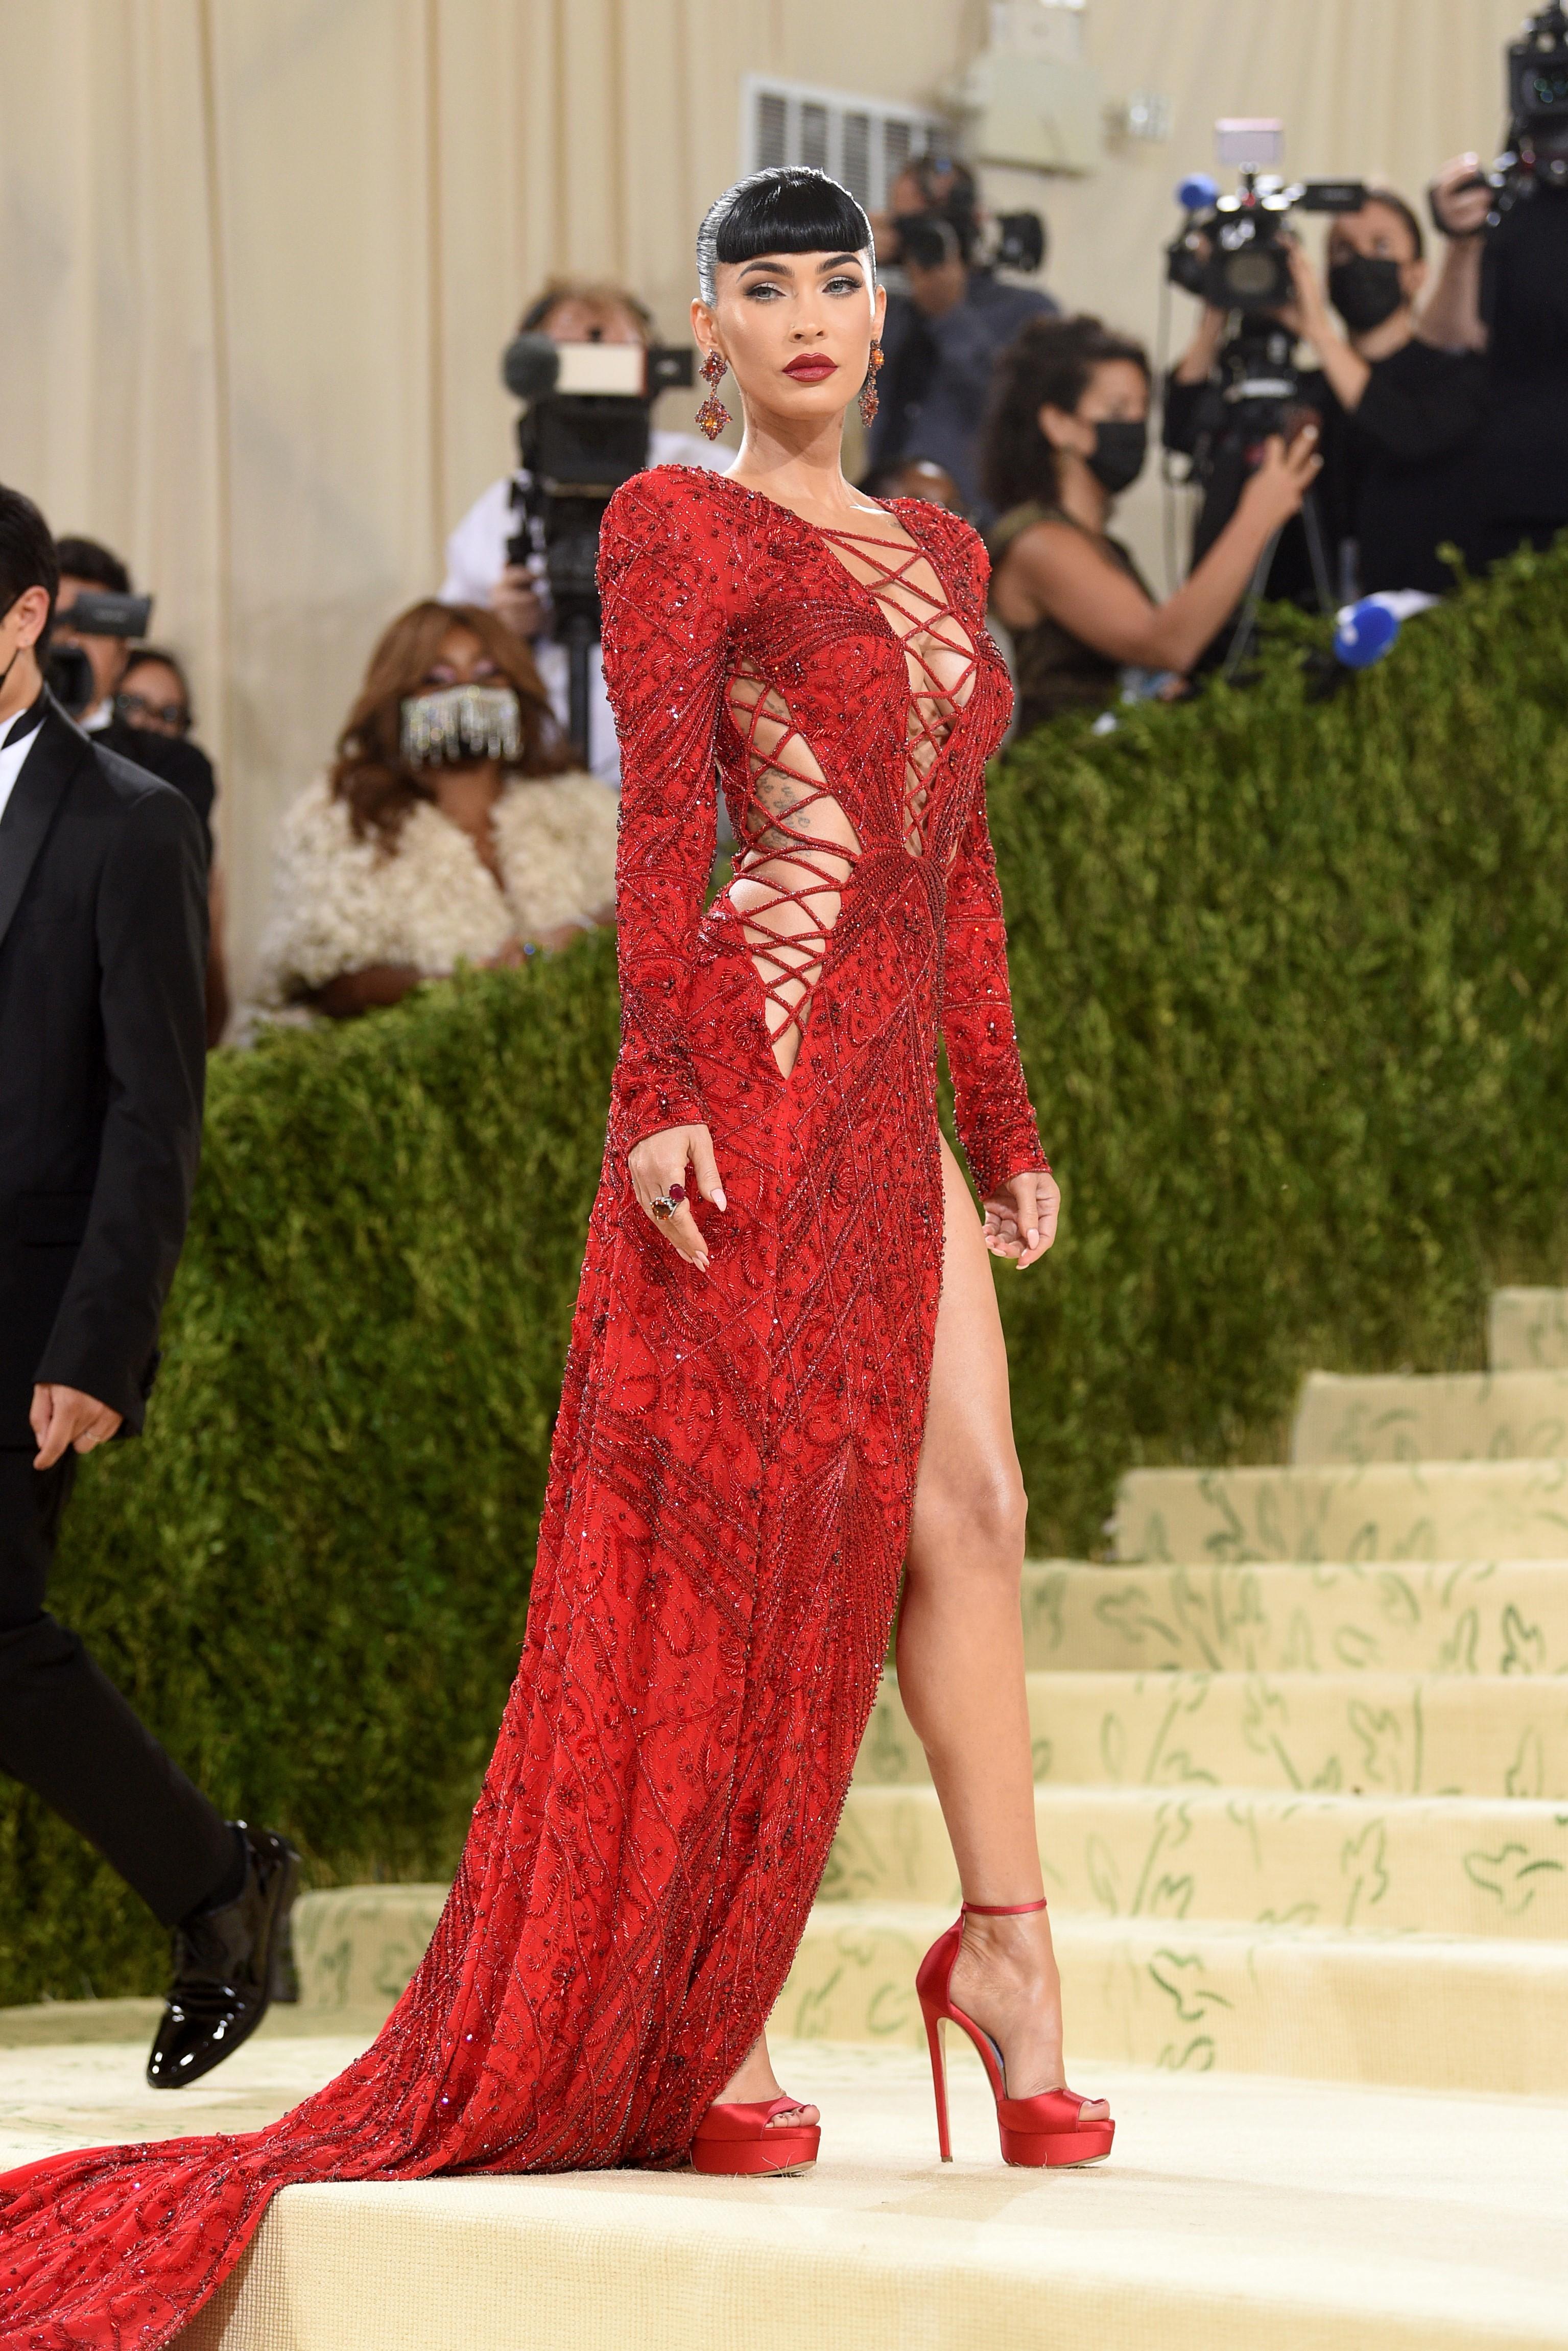 La actriz Megan Fox en un diseño de Peter Dundas.